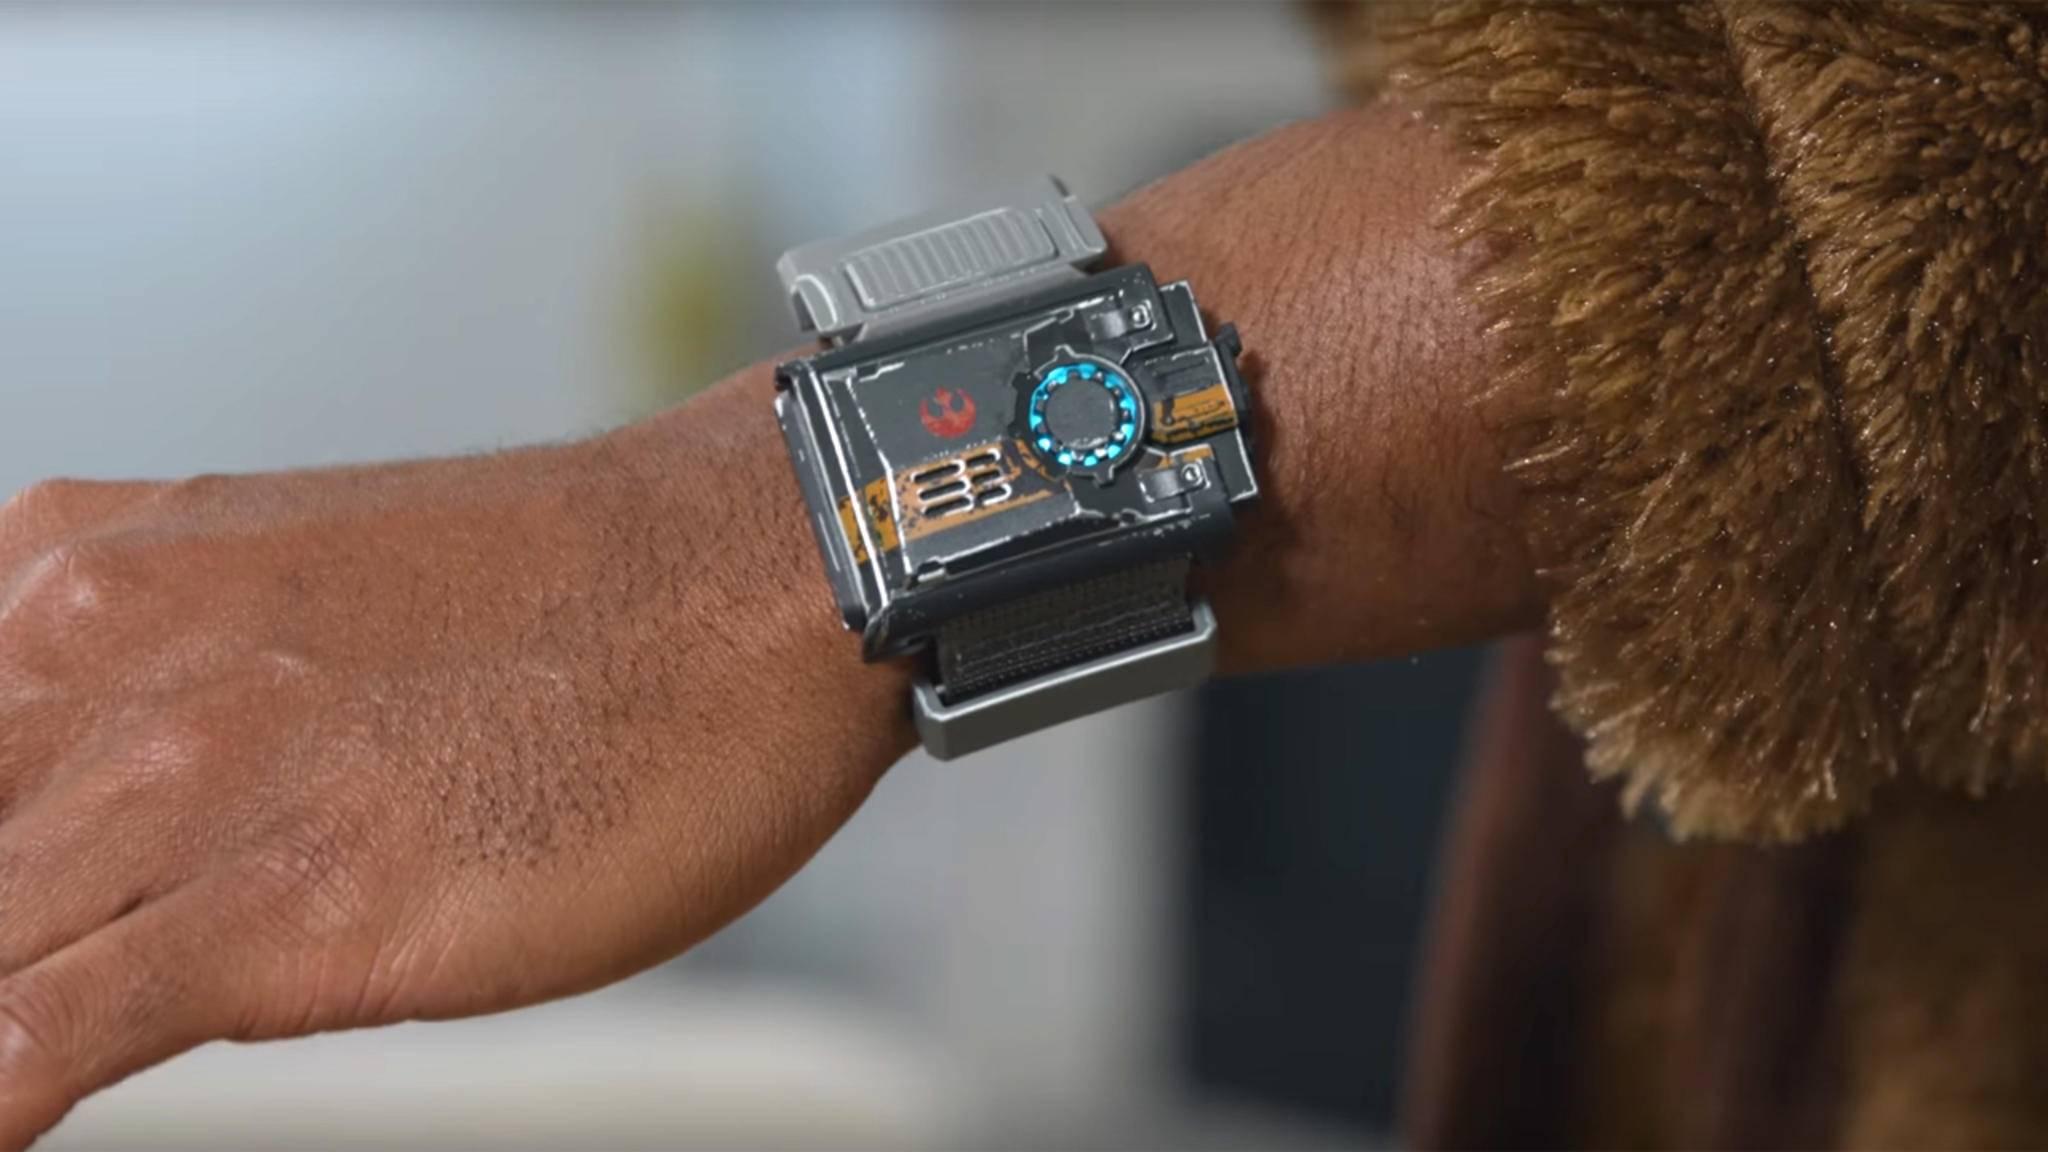 Möge das Macht-Armband mit Dir sein! Sphero's Force Band steuert Spielzeugdroiden und Dein Smart Home.